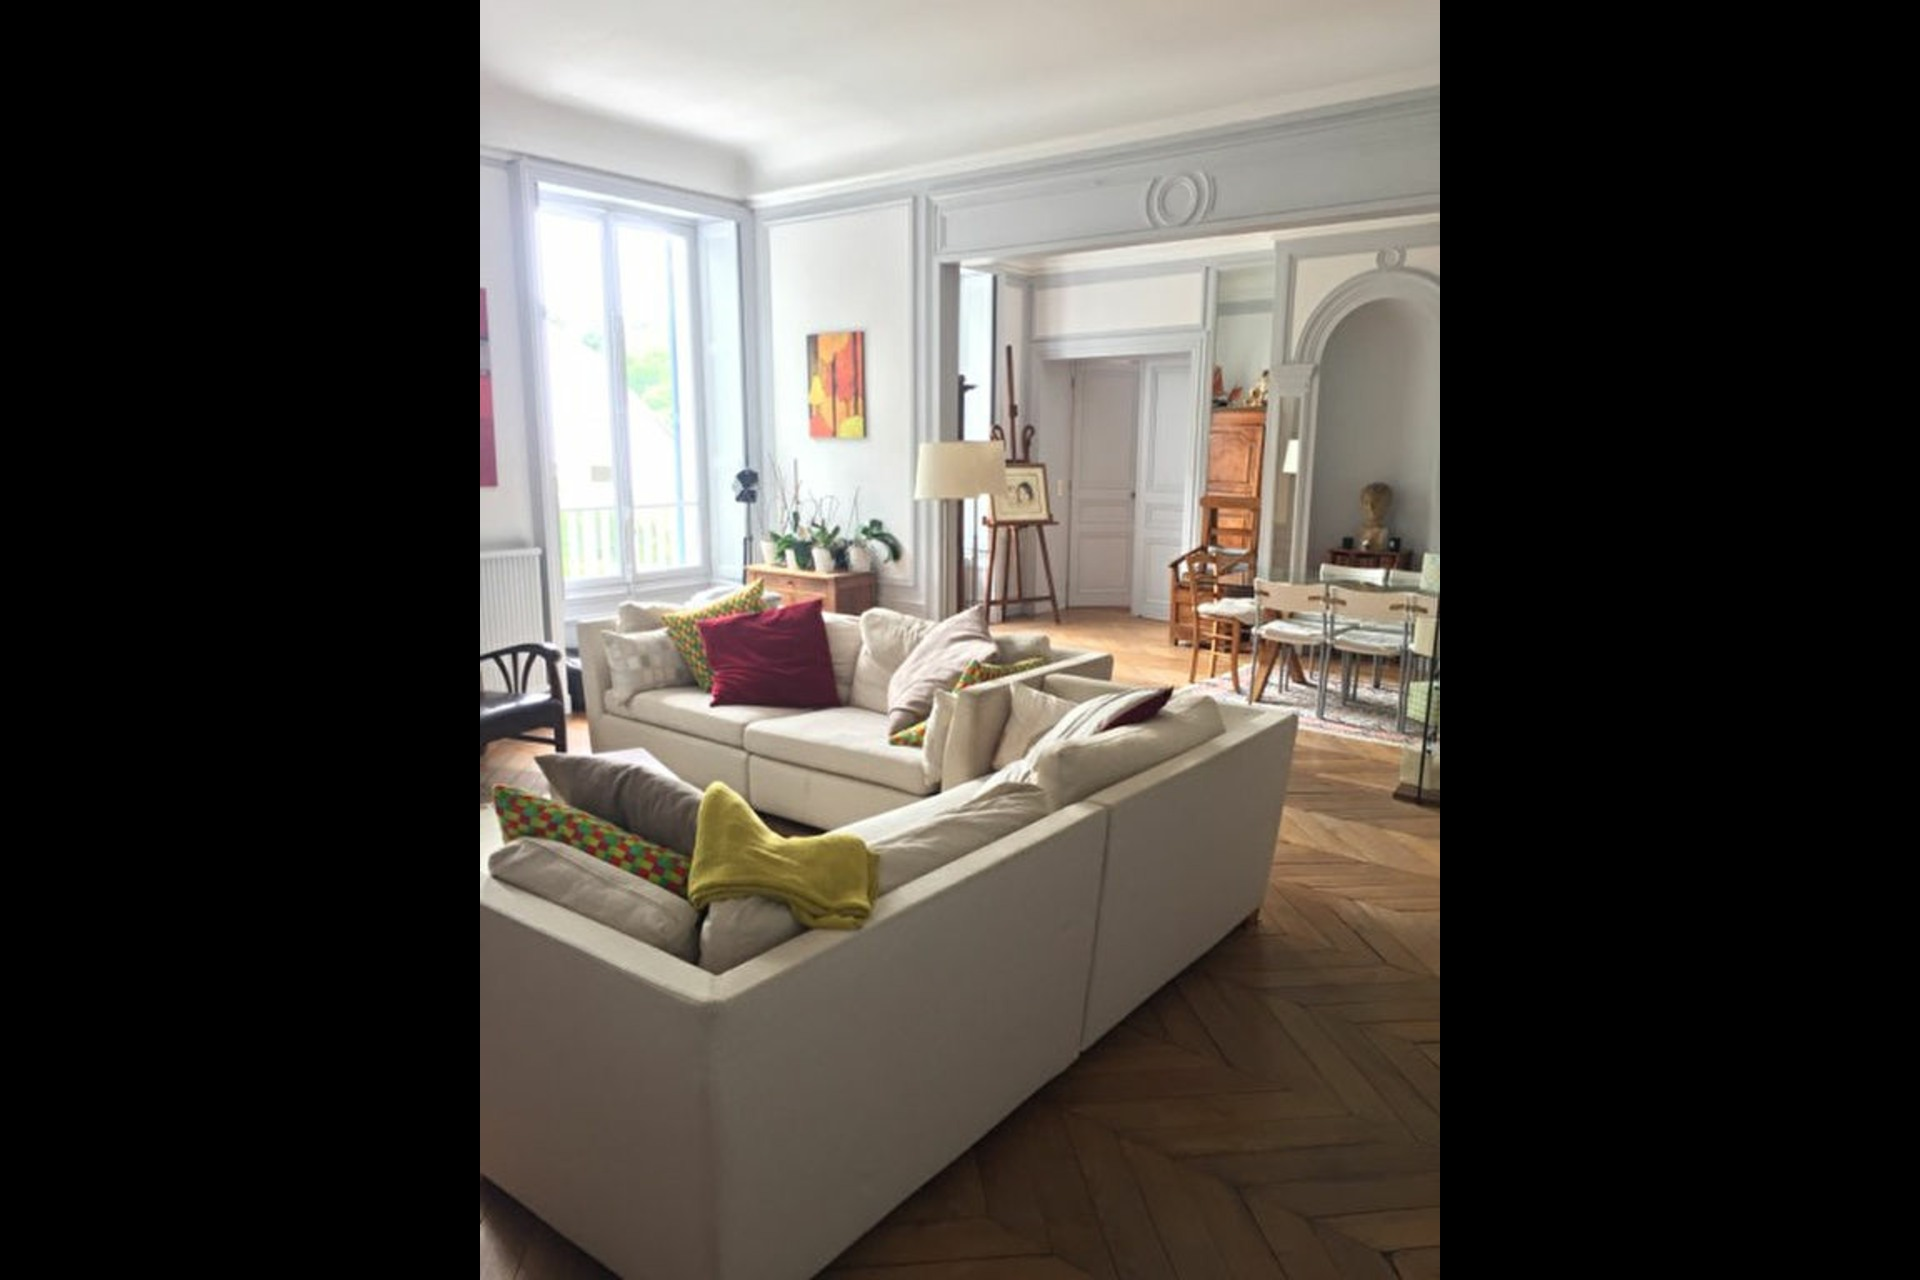 image 1 - Apartment For rent saint germain en laye - 6 rooms